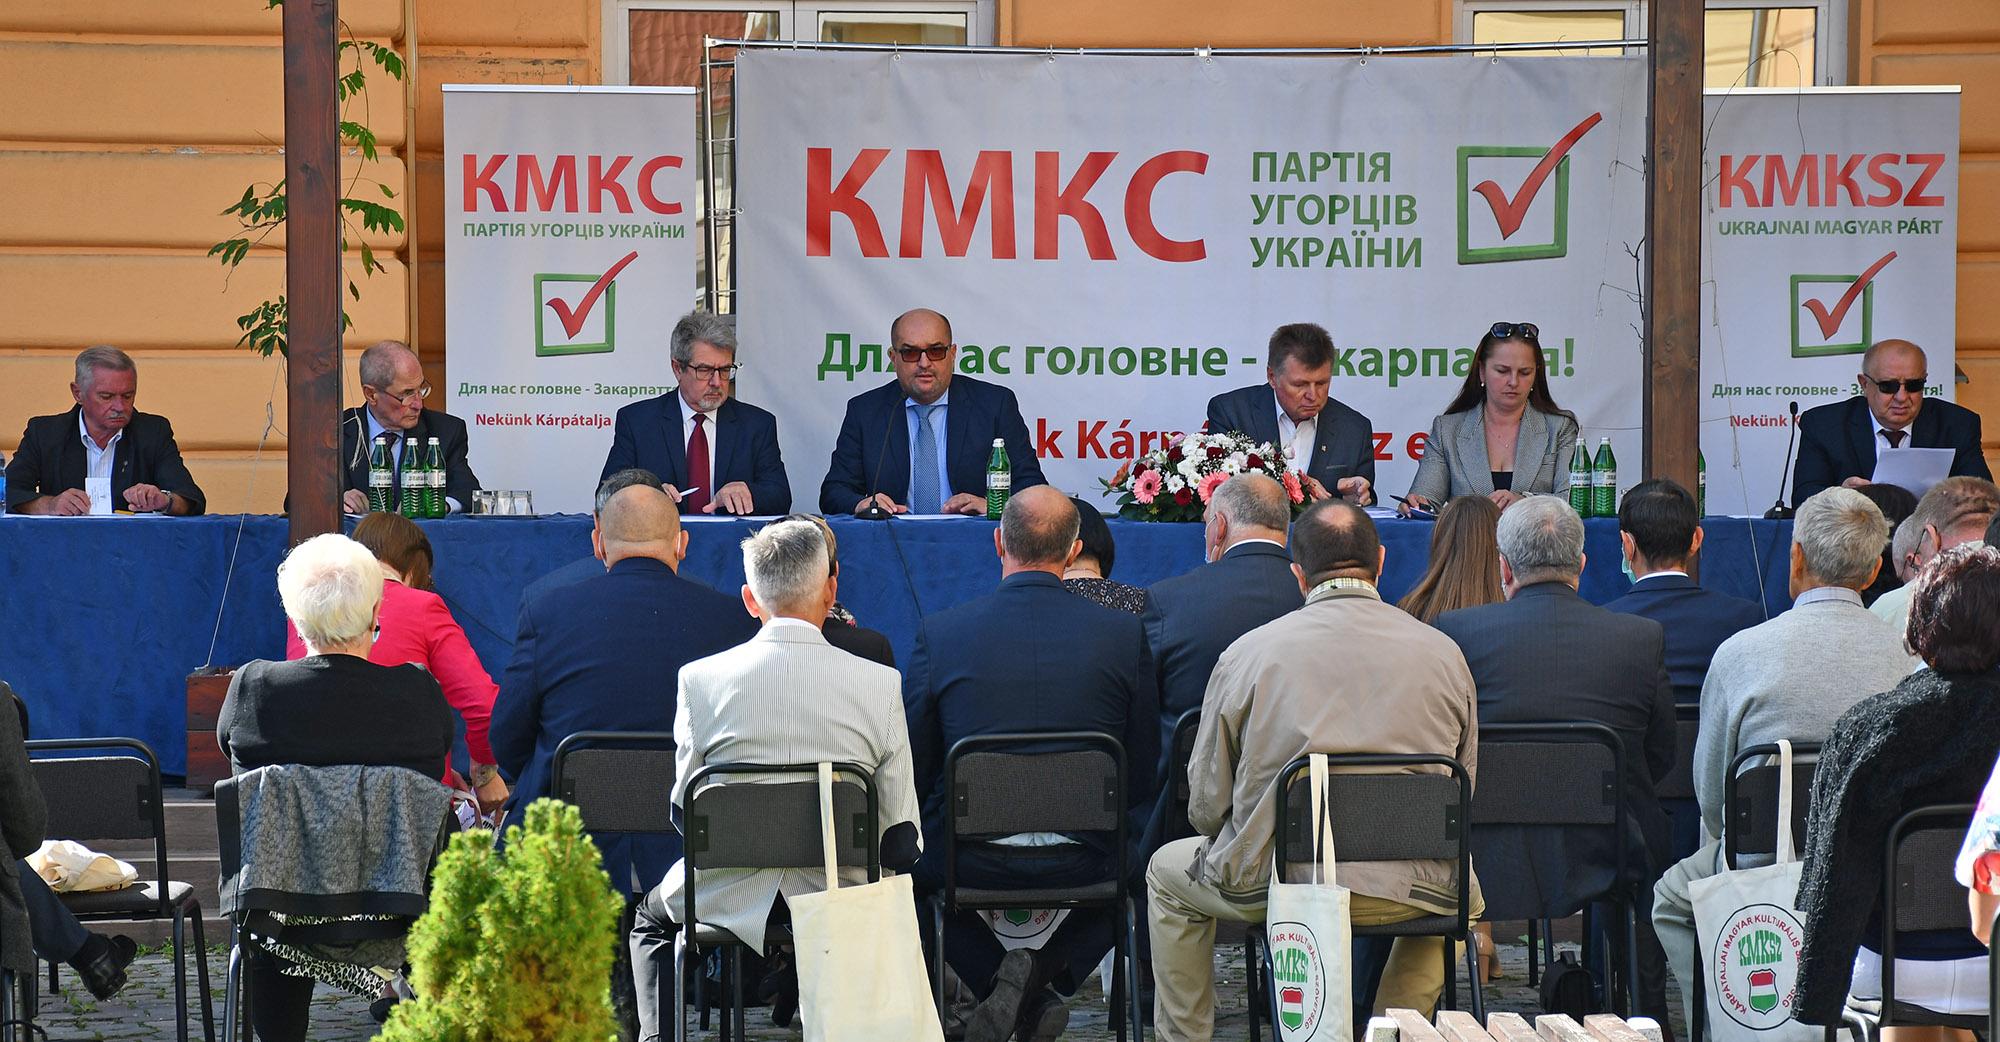 Під час загальних зборів представників Товариства угорської культури Закарпаття (КМКС) у місті Берегово 19 вересня Василя Брензовича обрали головою організації на наступні три роки.